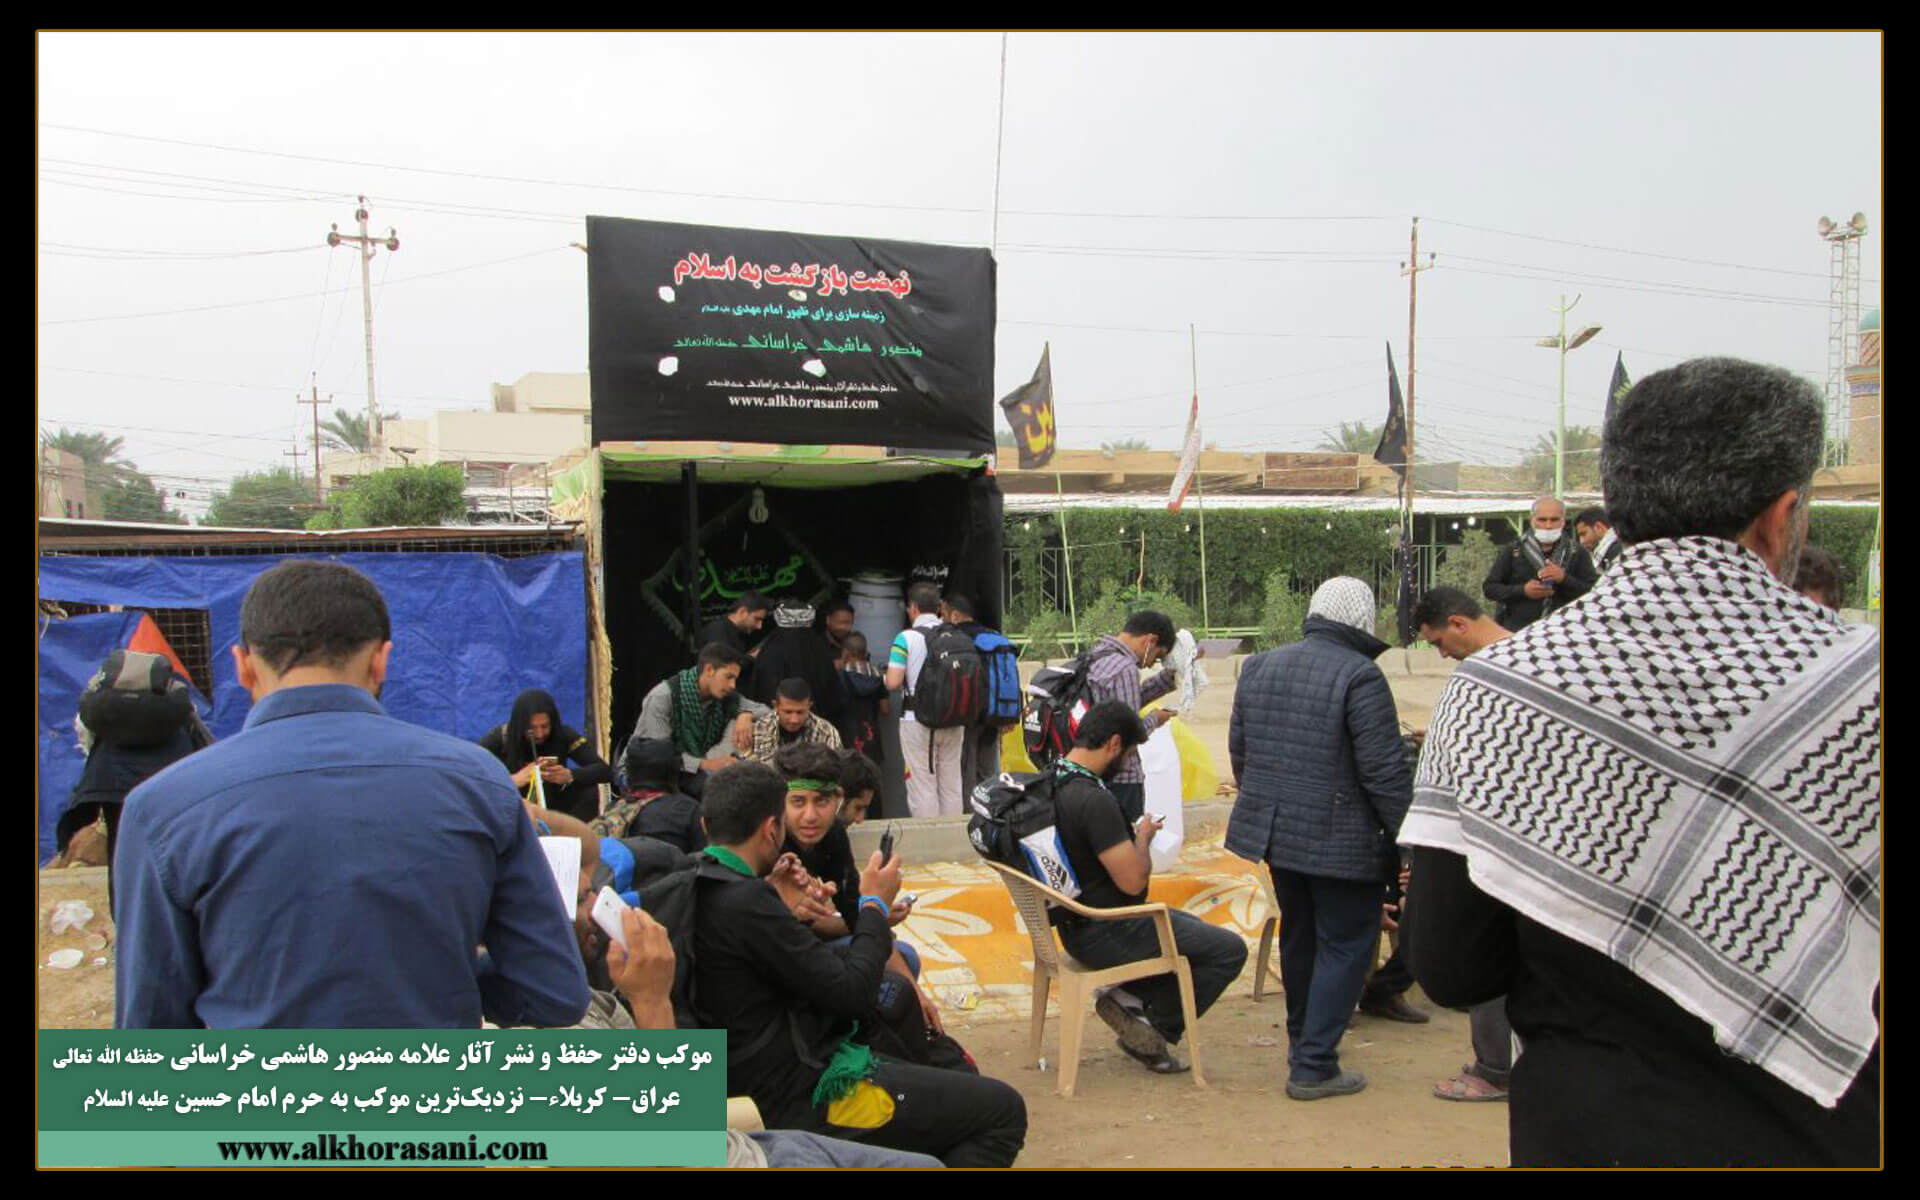 موکب کربلاء دفتر حفظ و نشر آثار منصور هاشمی خراسانی